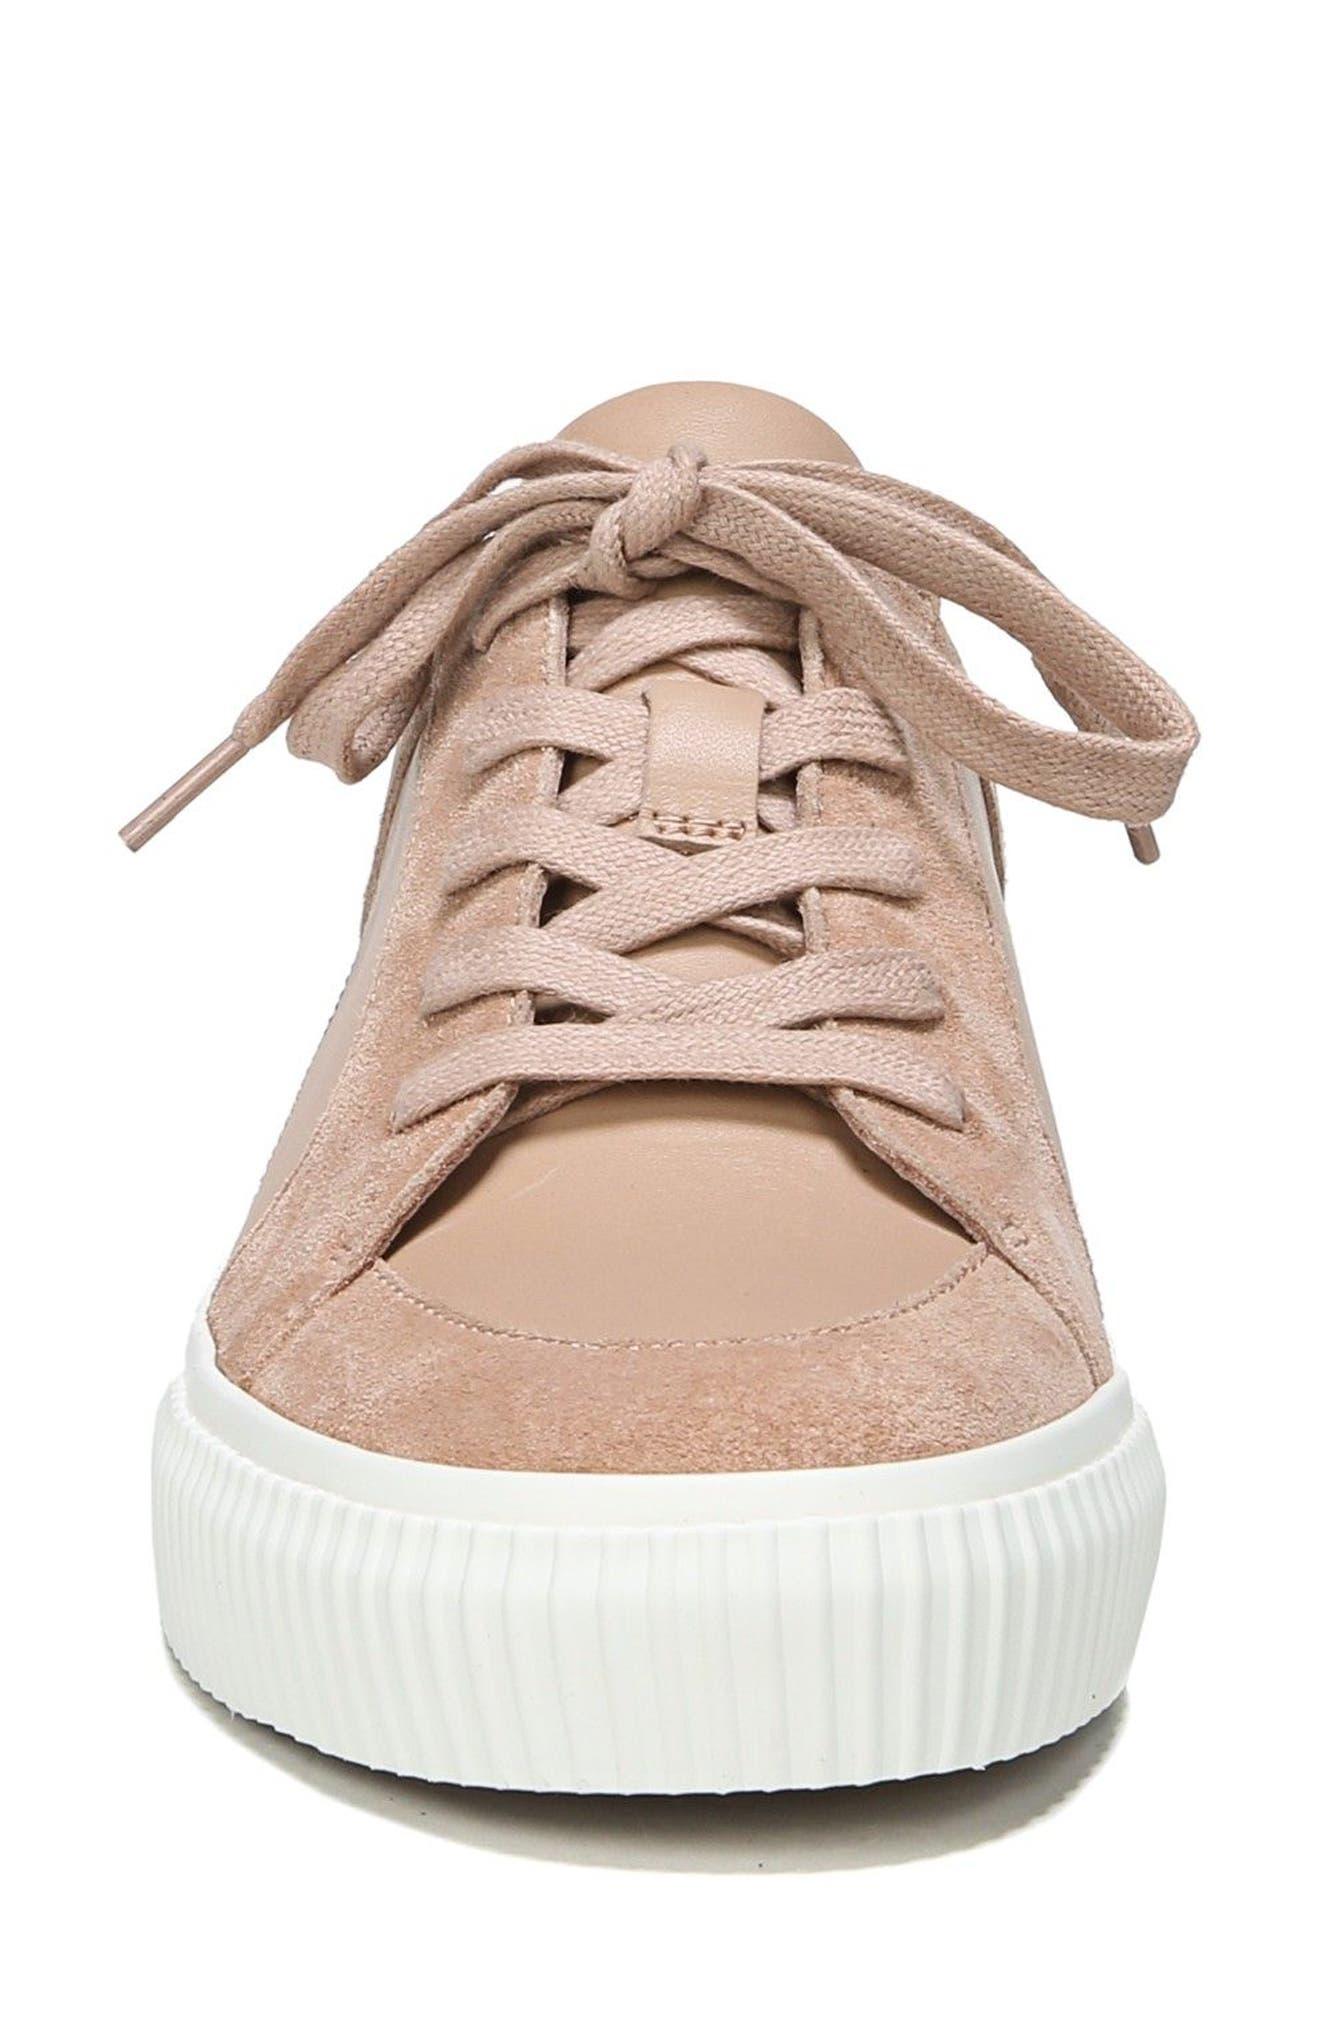 Kess Slip-On Sneaker,                             Alternate thumbnail 4, color,                             251